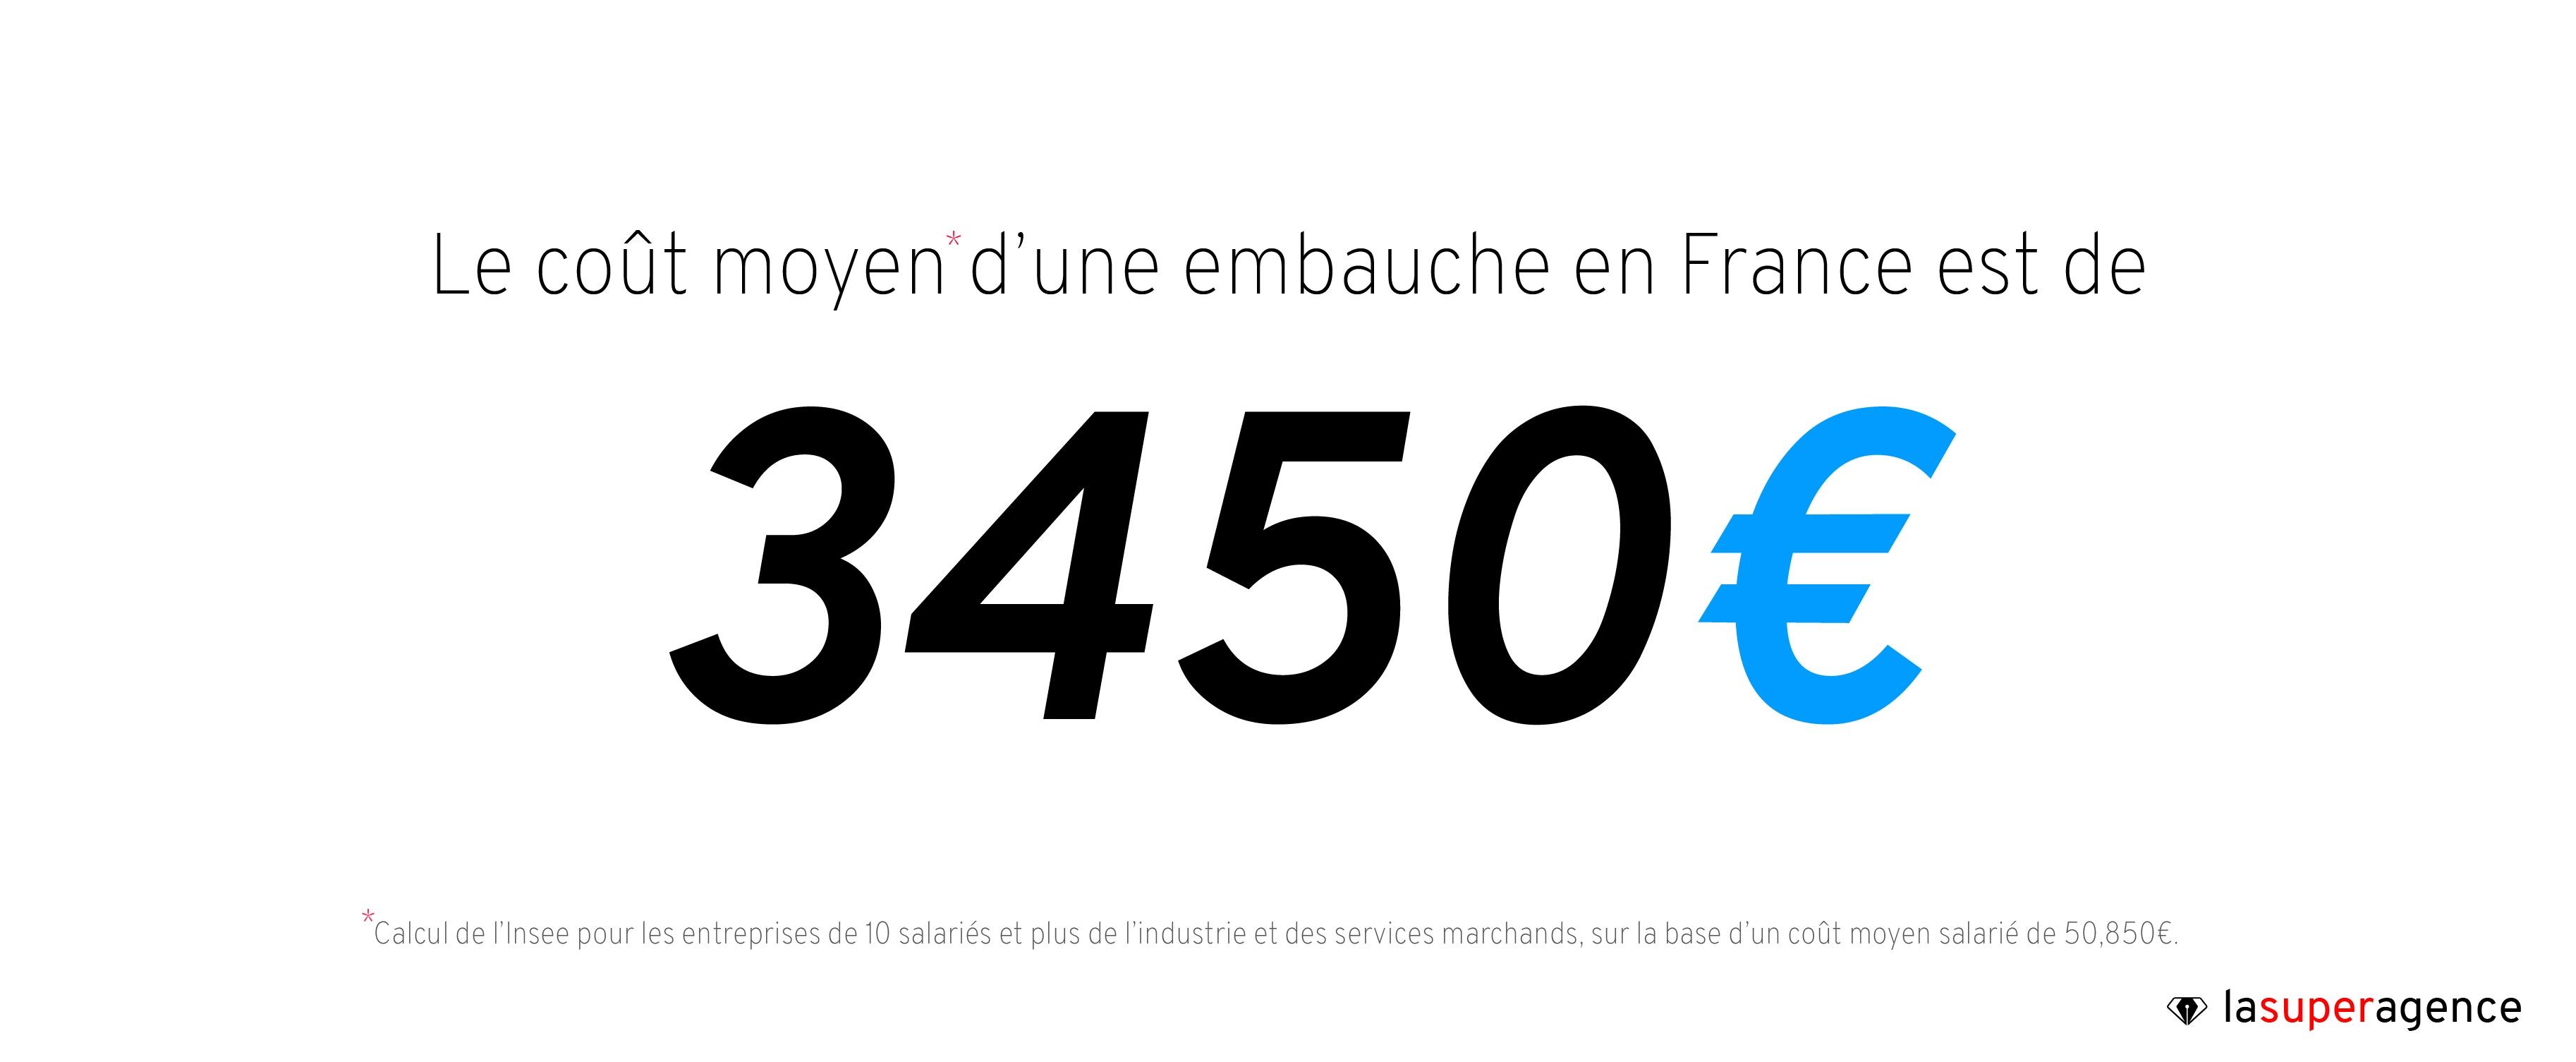 Selon l'INSEE, le coût moyen d'une embauche est d'environ 3450 euros